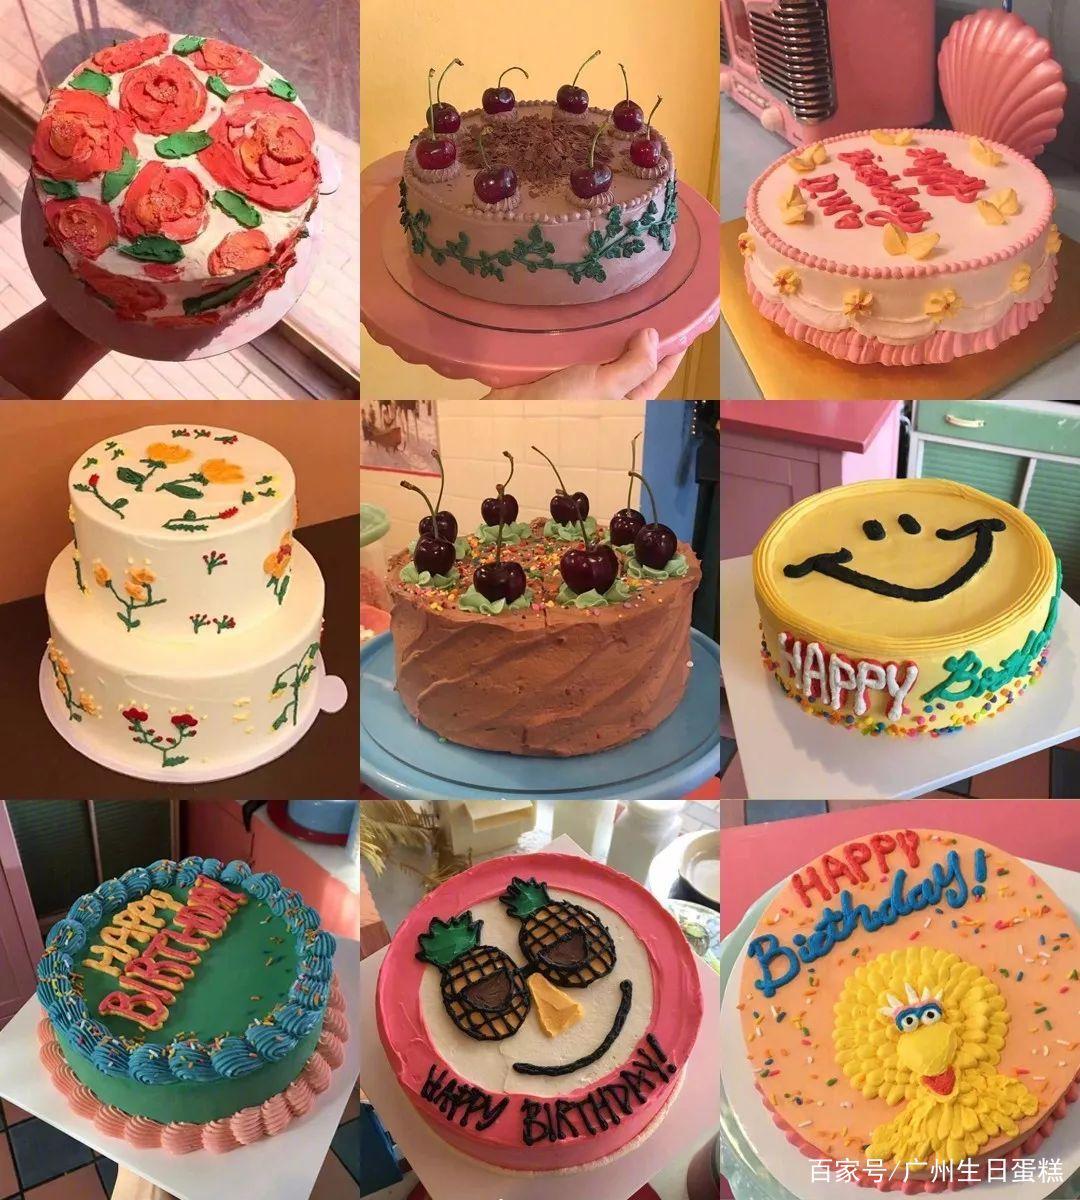 如何挑选生日蛋糕款式?